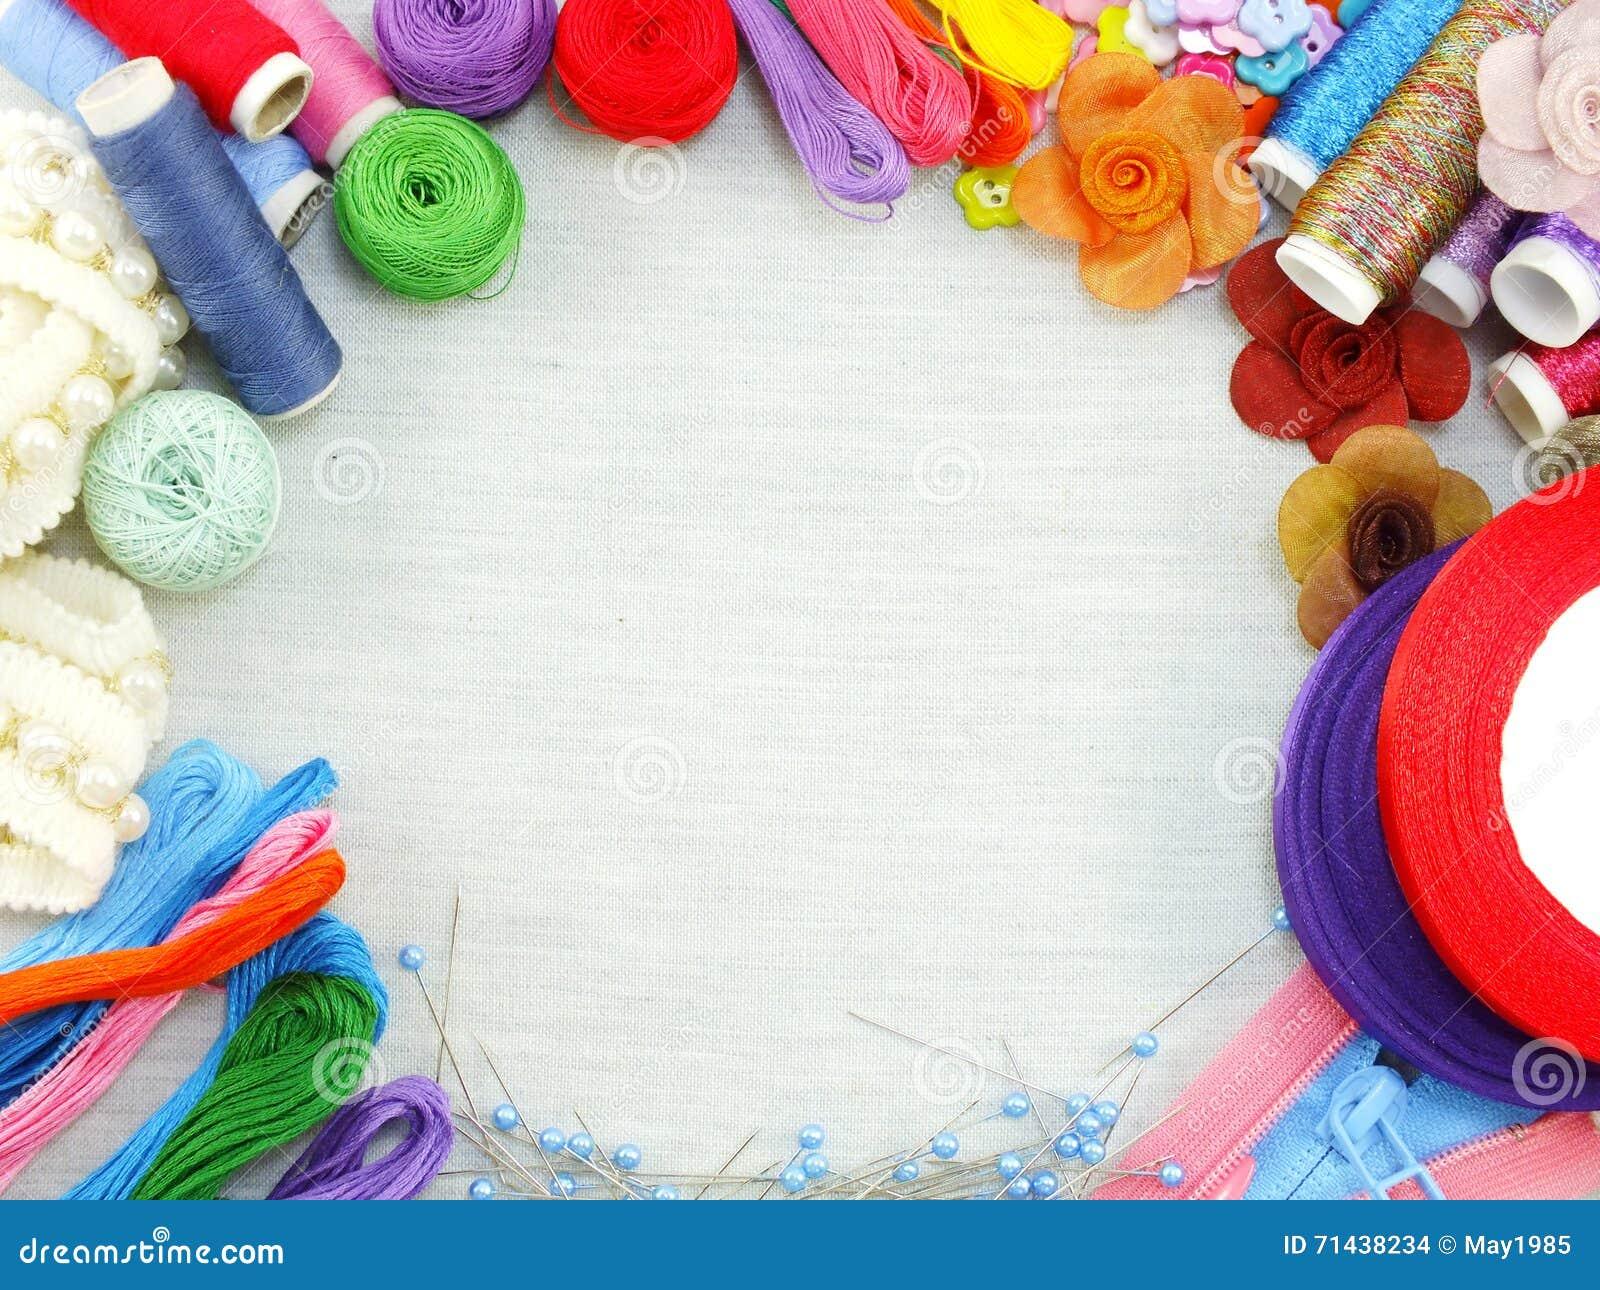 Los accesorios de costura para el equipo de costura hecho a mano confinan el fondo con el espacio de la copia